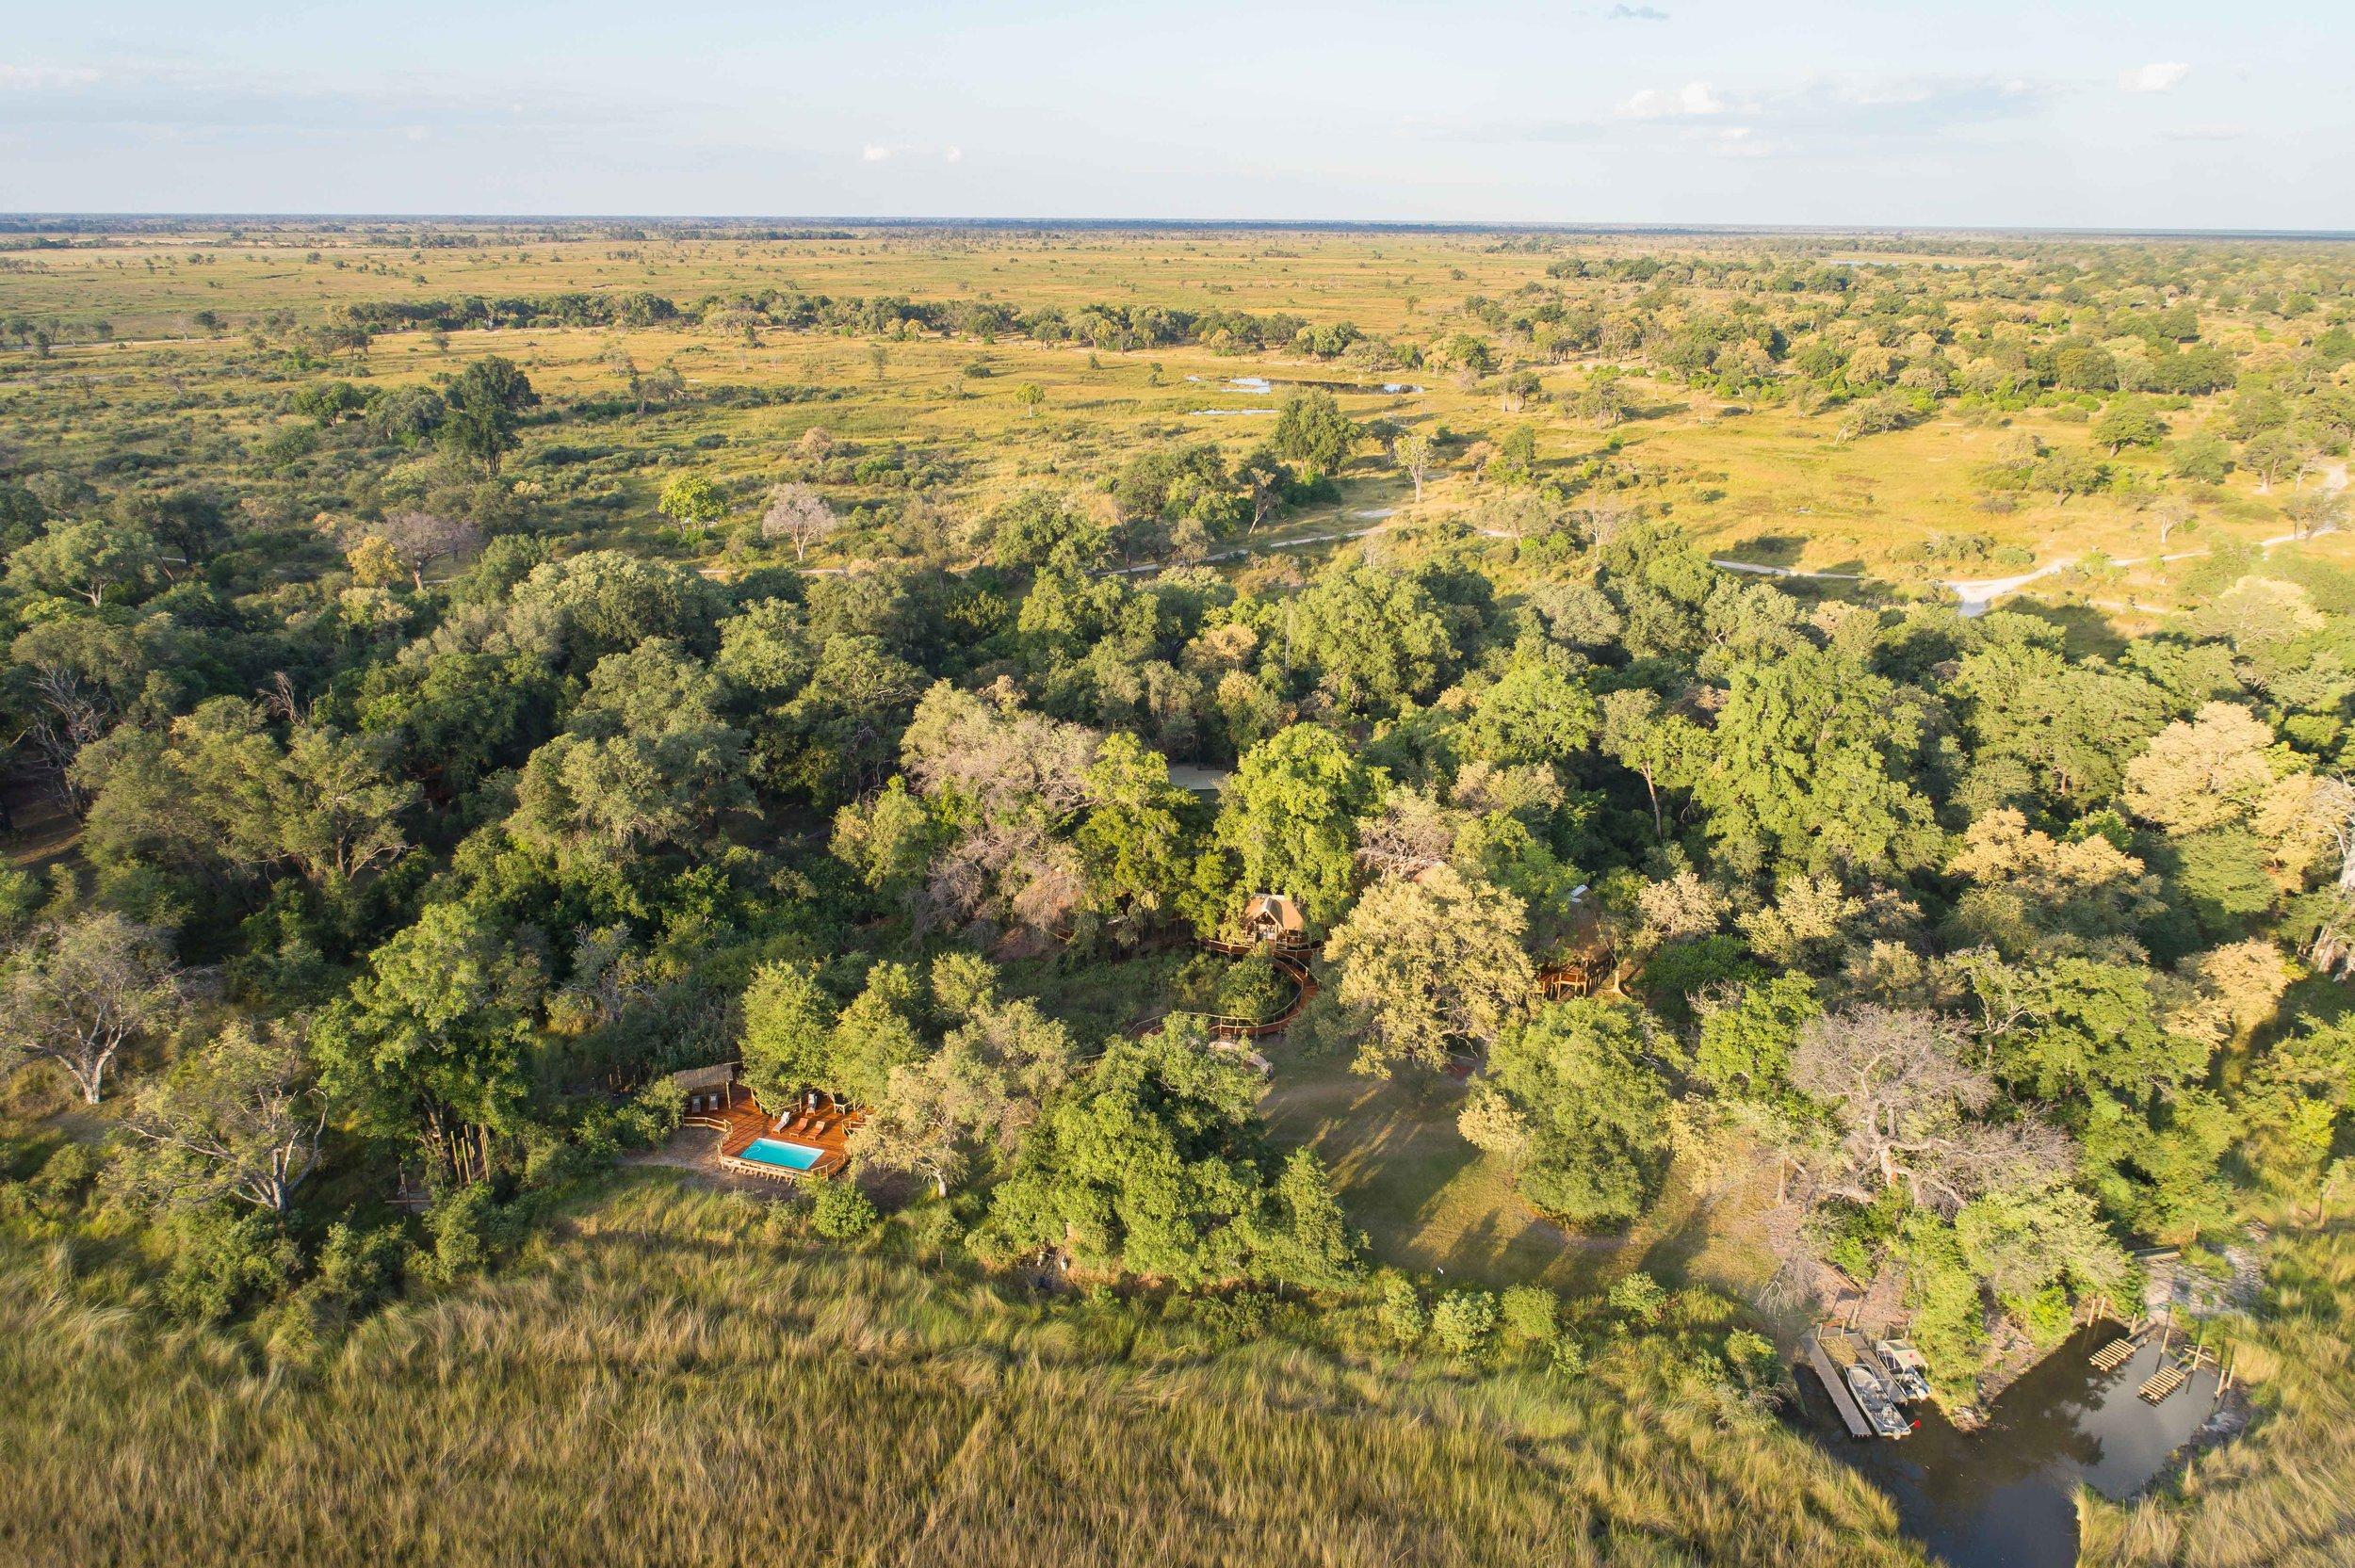 camp_moremi_-_aerial.jpg